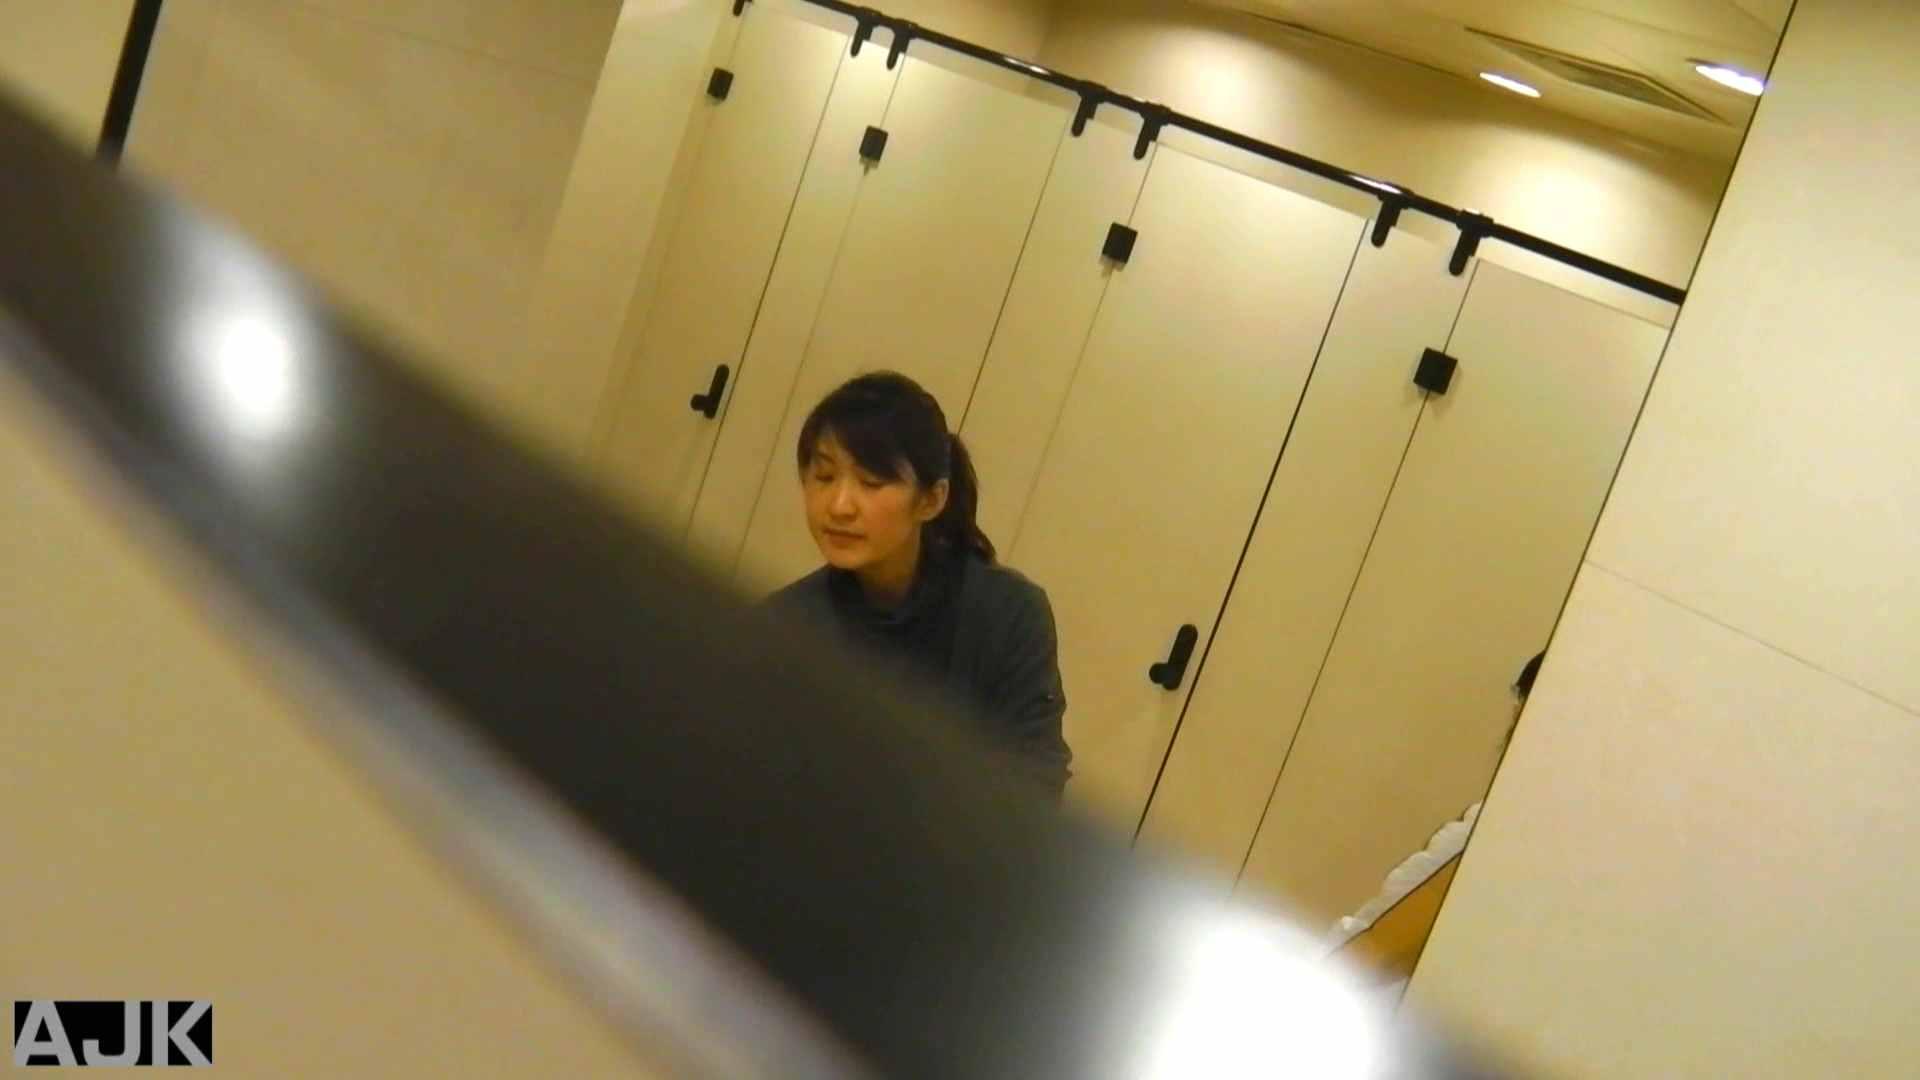 隣国上階級エリアの令嬢たちが集うデパートお手洗い Vol.26 お手洗いのぞき エロ画像 66画像 29